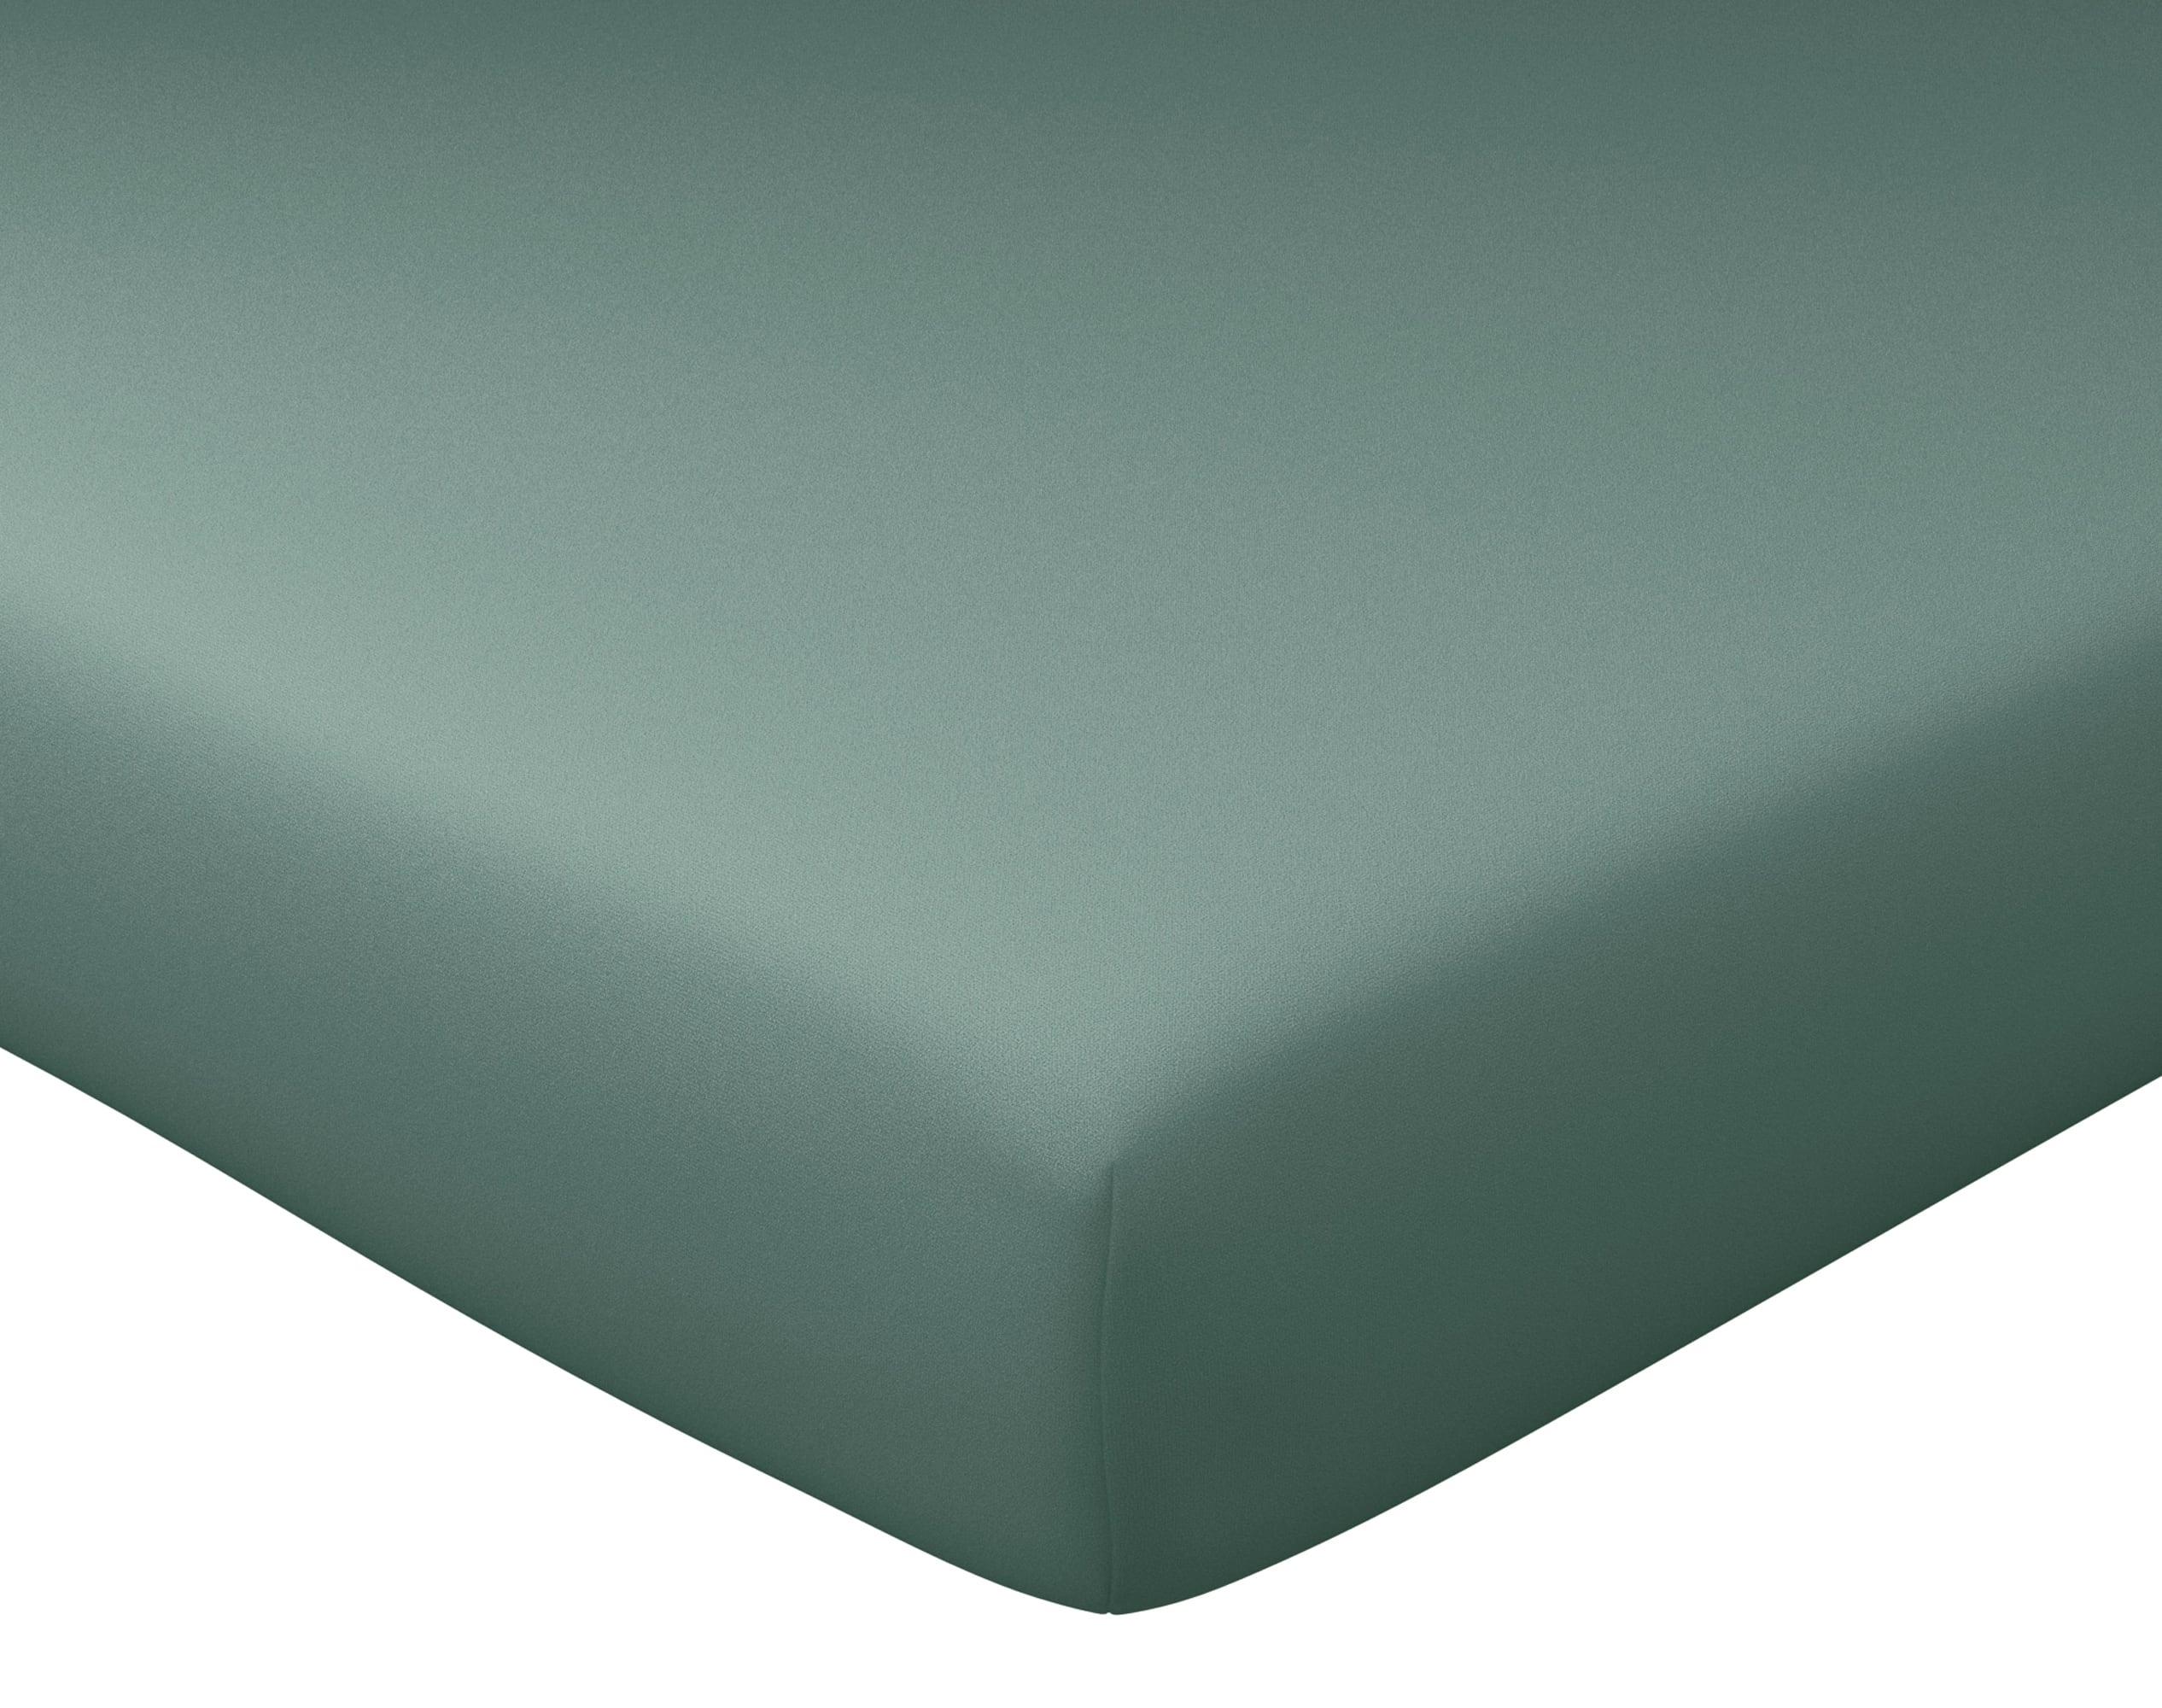 Drap-housse 90x190 en percale de coton vert eucalyptus